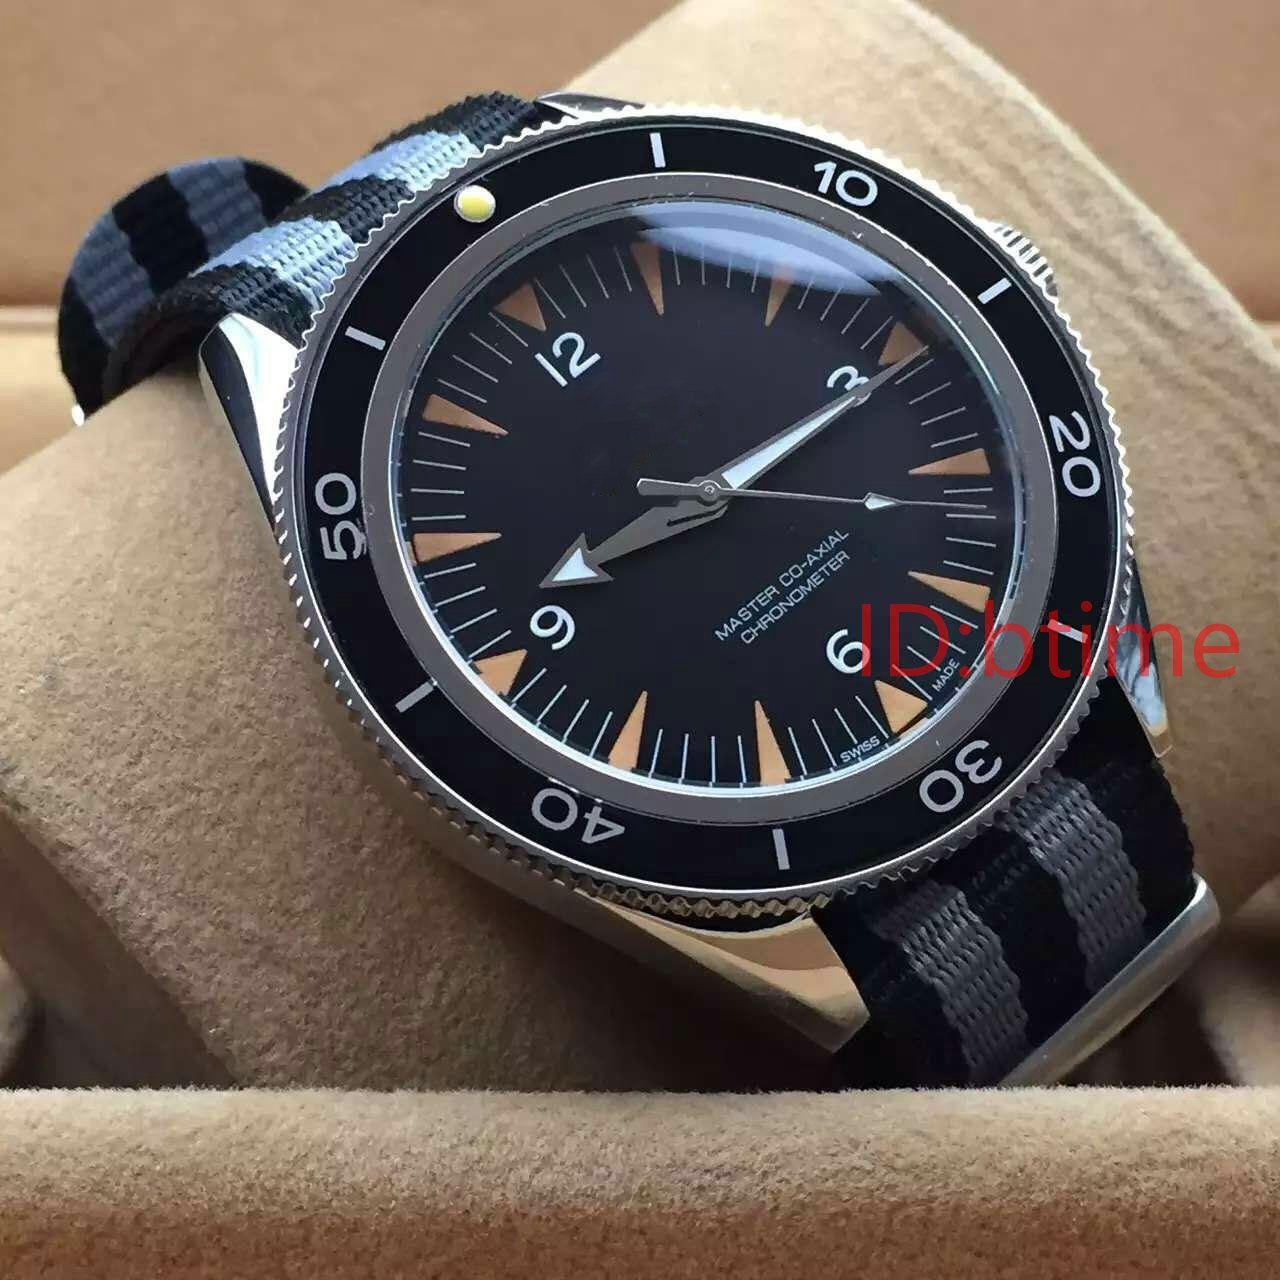 I nuovi uomini meccanici 300 Maestro Co-Axial 41 millimetri Gents orologi automatici James Bond 007 Spectre Mens orologio sportivo da polso # 6